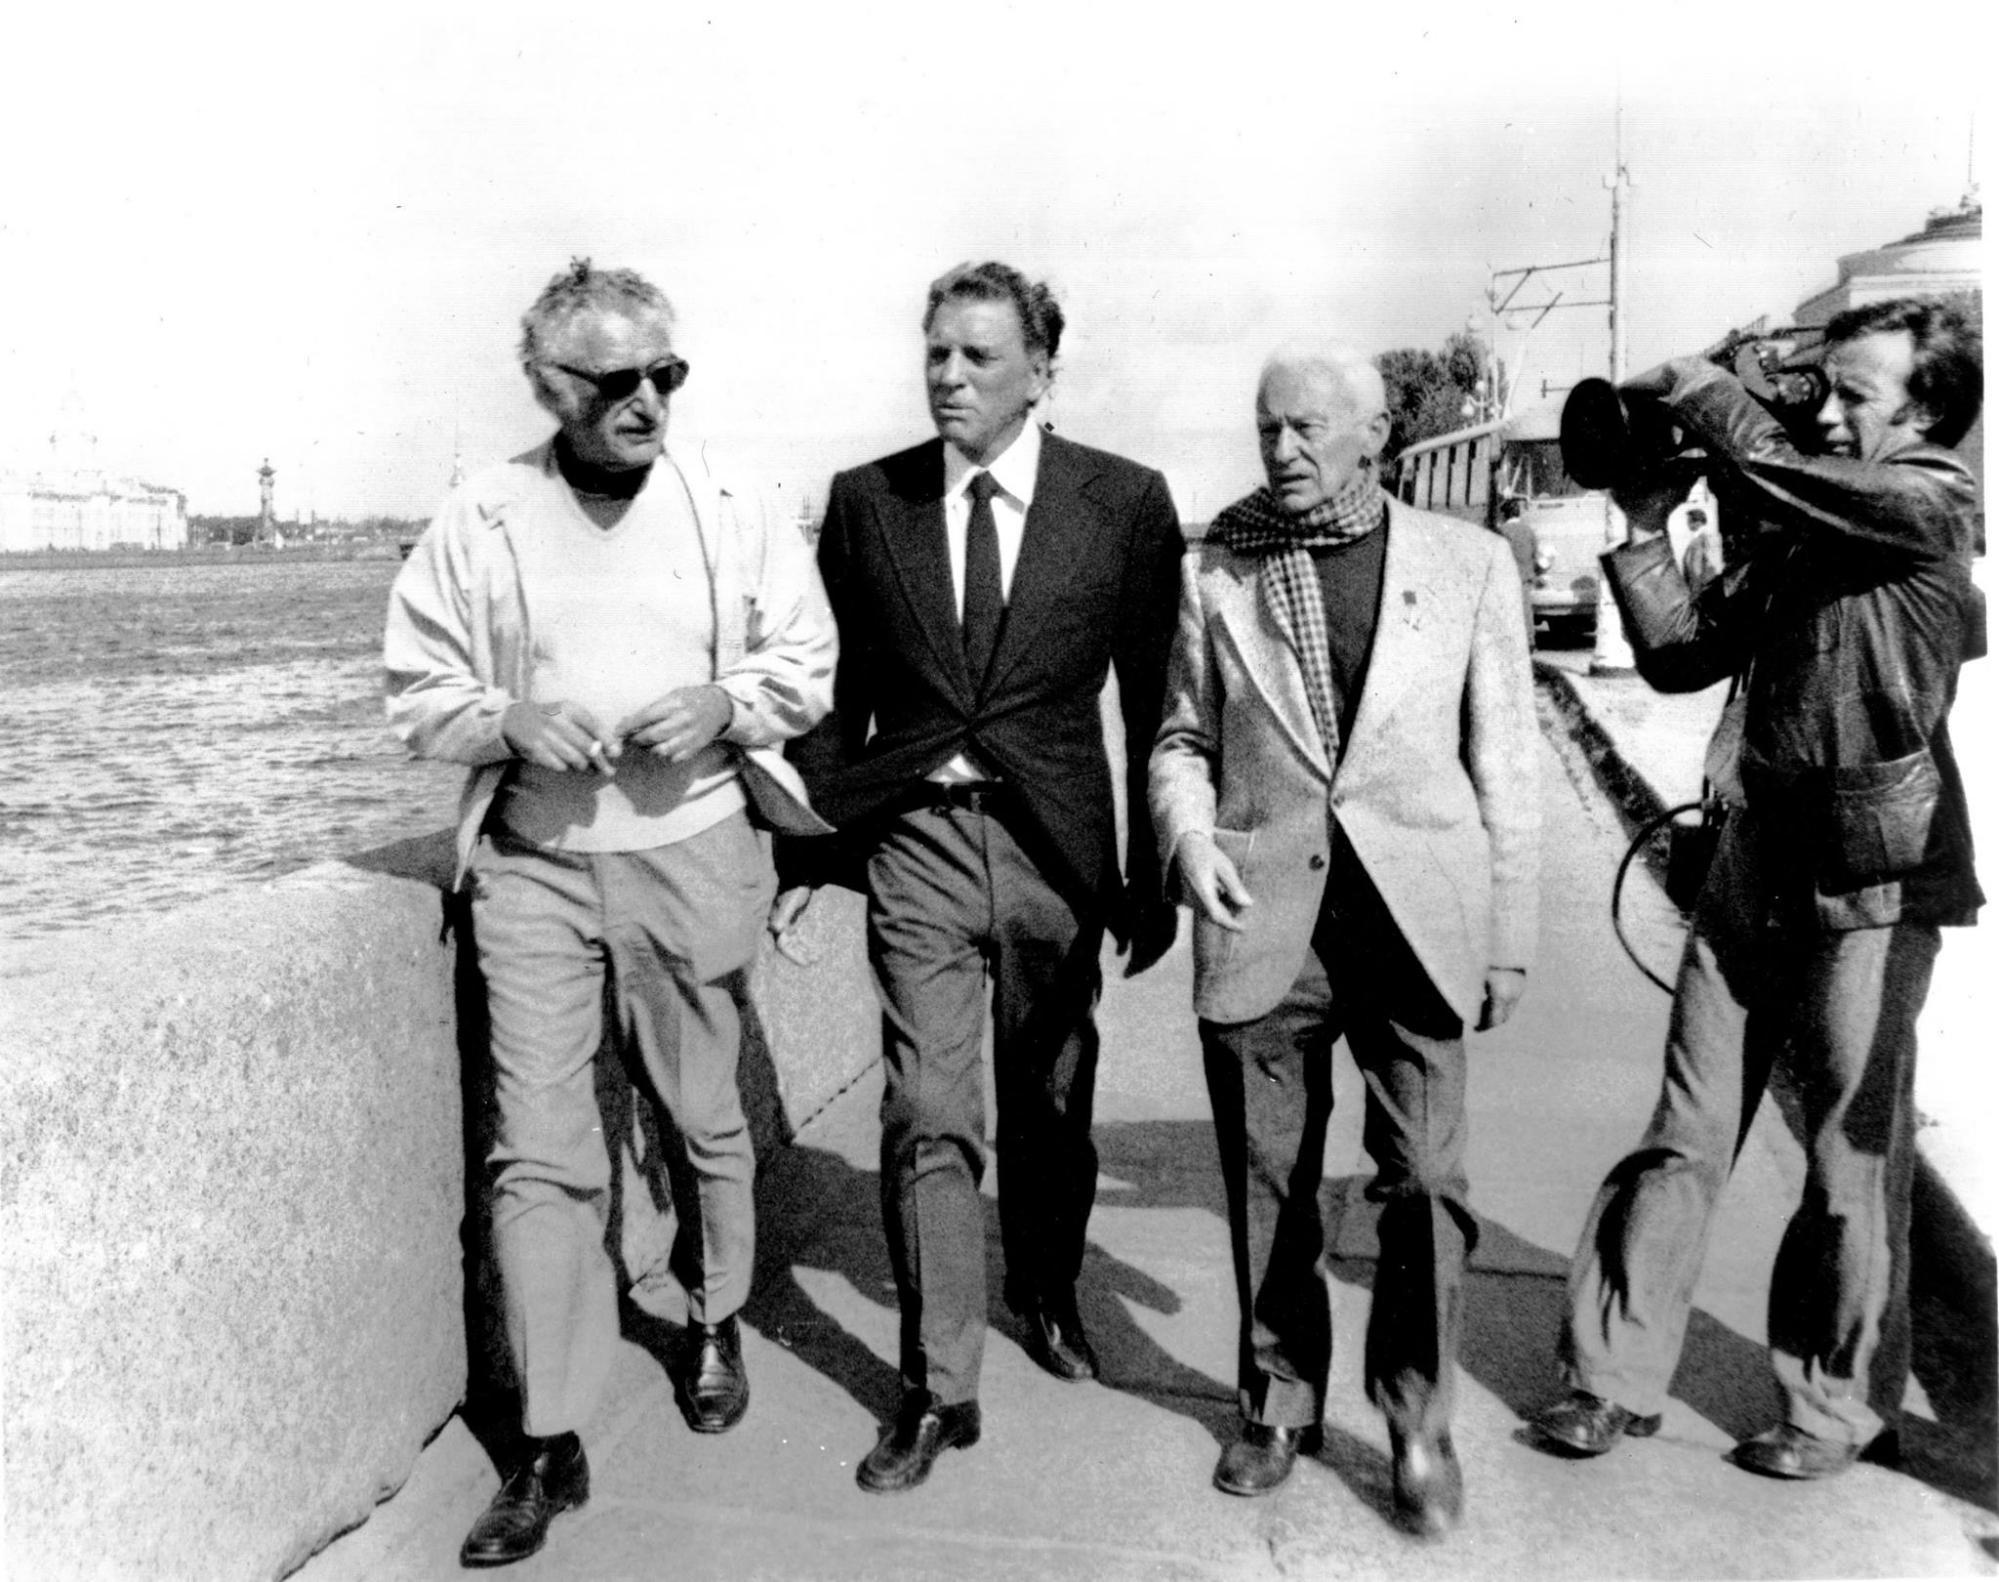 Isaac Kleinerman, Burt Lancaster and Roman Karmen with cameraman Yury Orlov